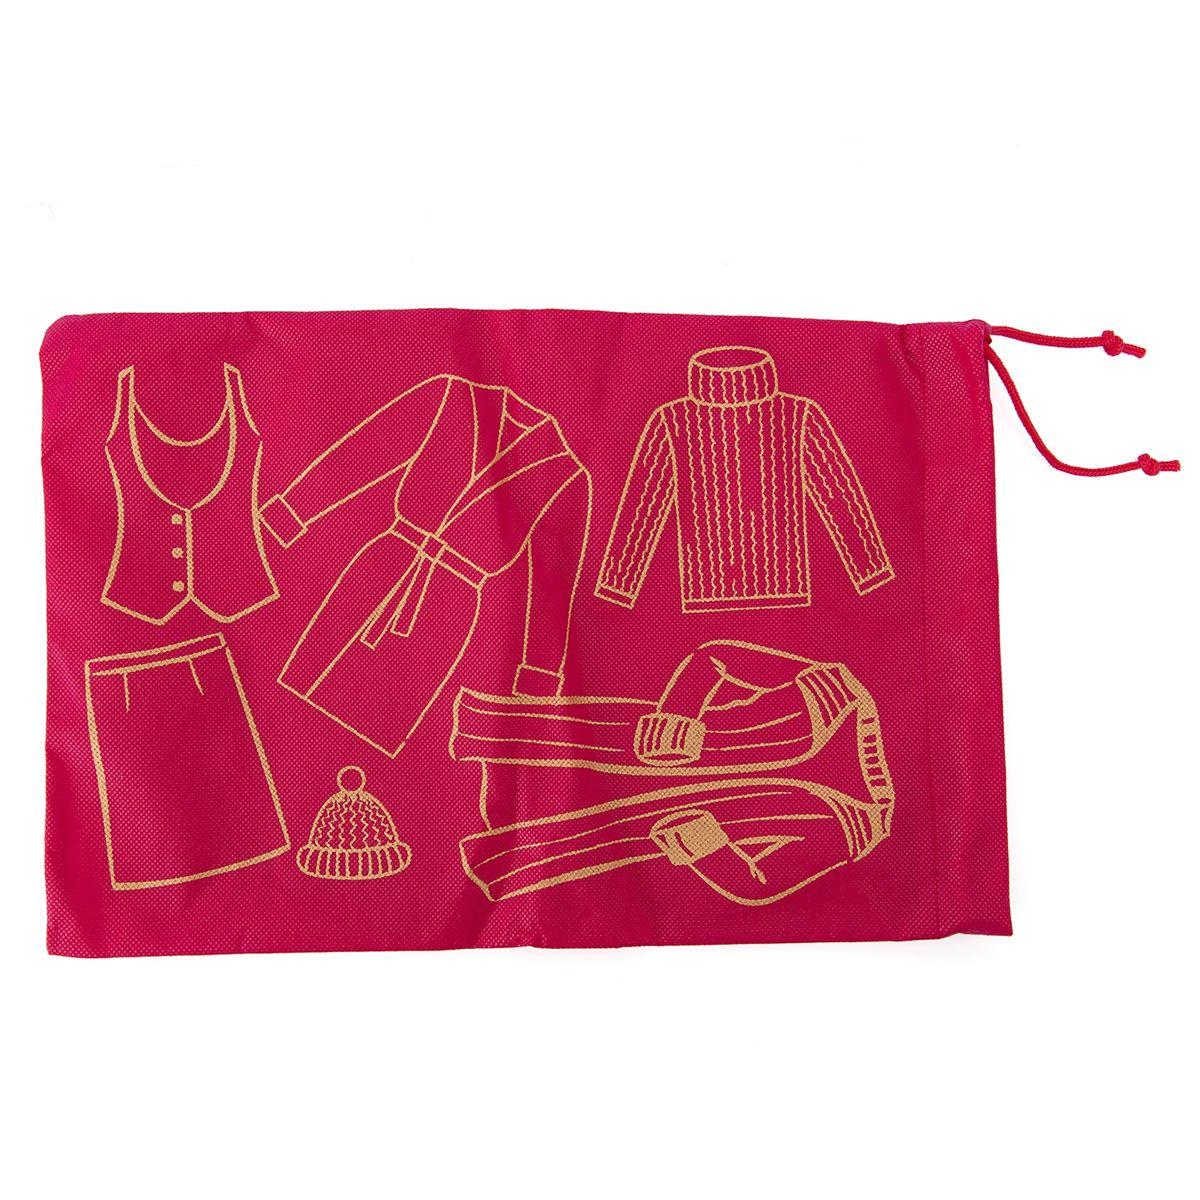 Органайзер для вещей Homsu Lady in Red, 45 х 30 смHOM-659Удобный органайзер для хранения и перевозки вещей. Изготовлен из высококачественного материала, поможет полноценно сберечь вашу одежду, как в домашнем хранении, так и во время транспортировки. Размер изделия:45x30см.